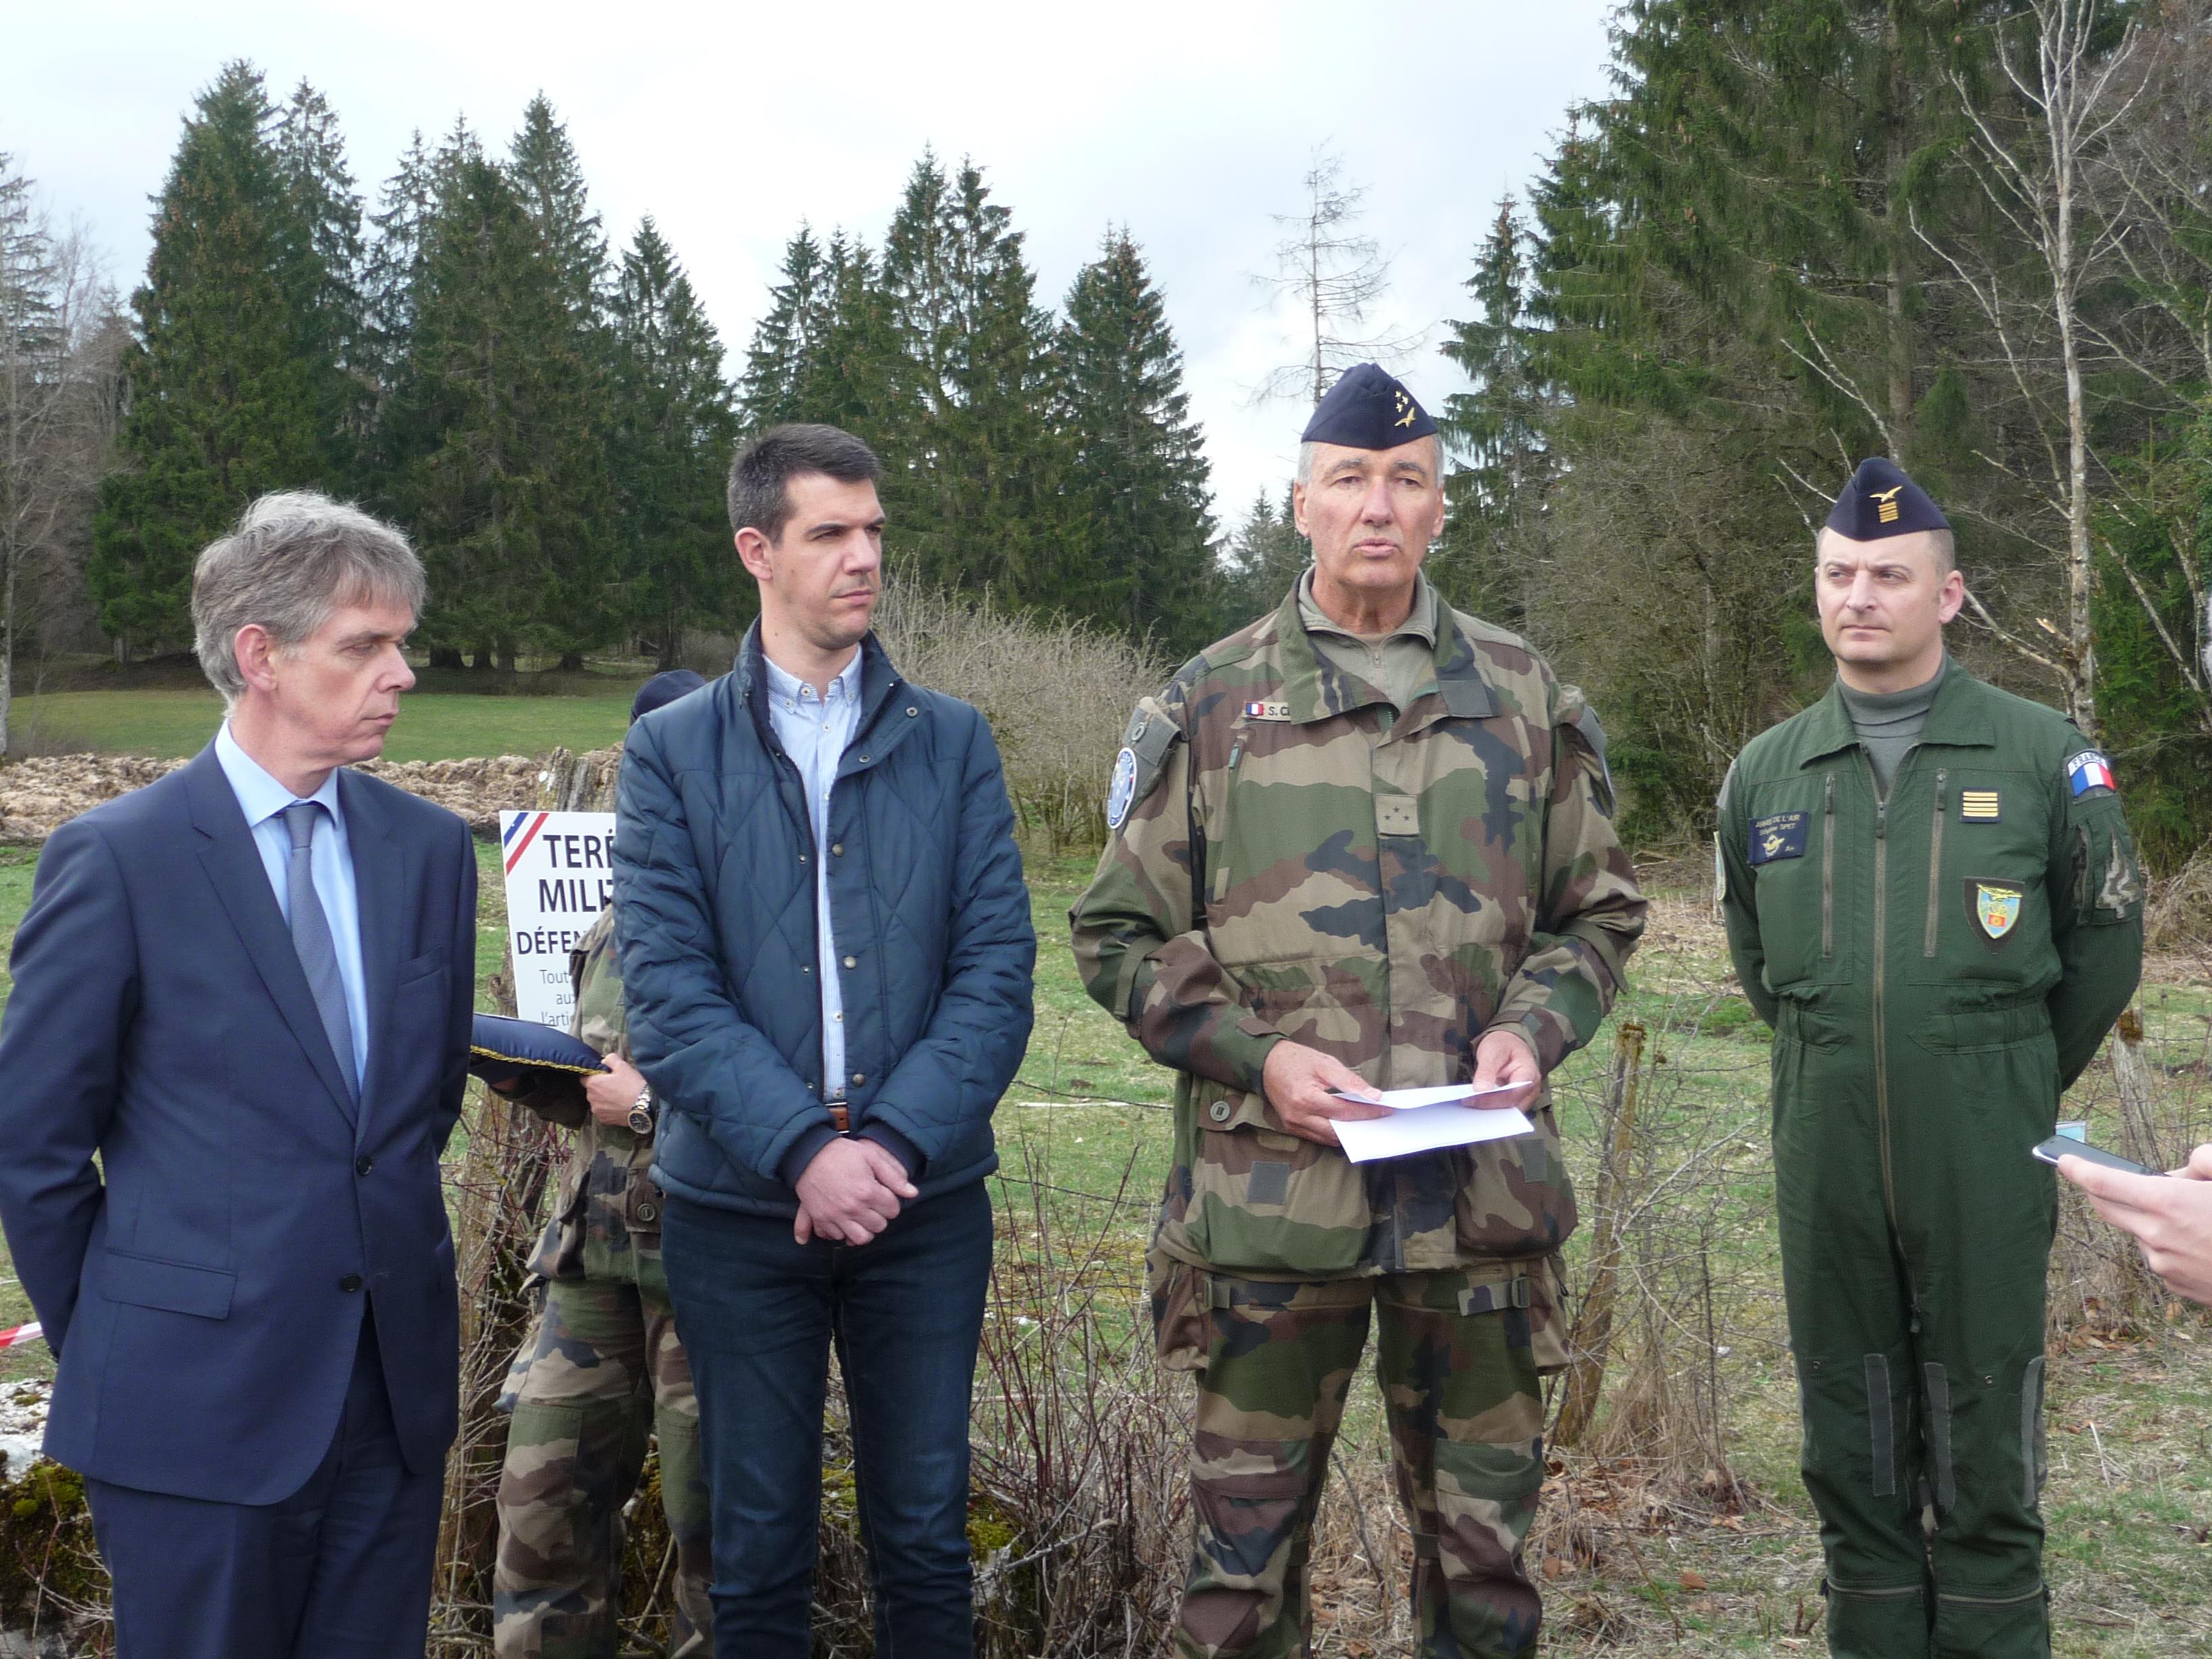 Les Autorités Civiles Et Militaires Ont Levé La Zone Militaire Temporaire